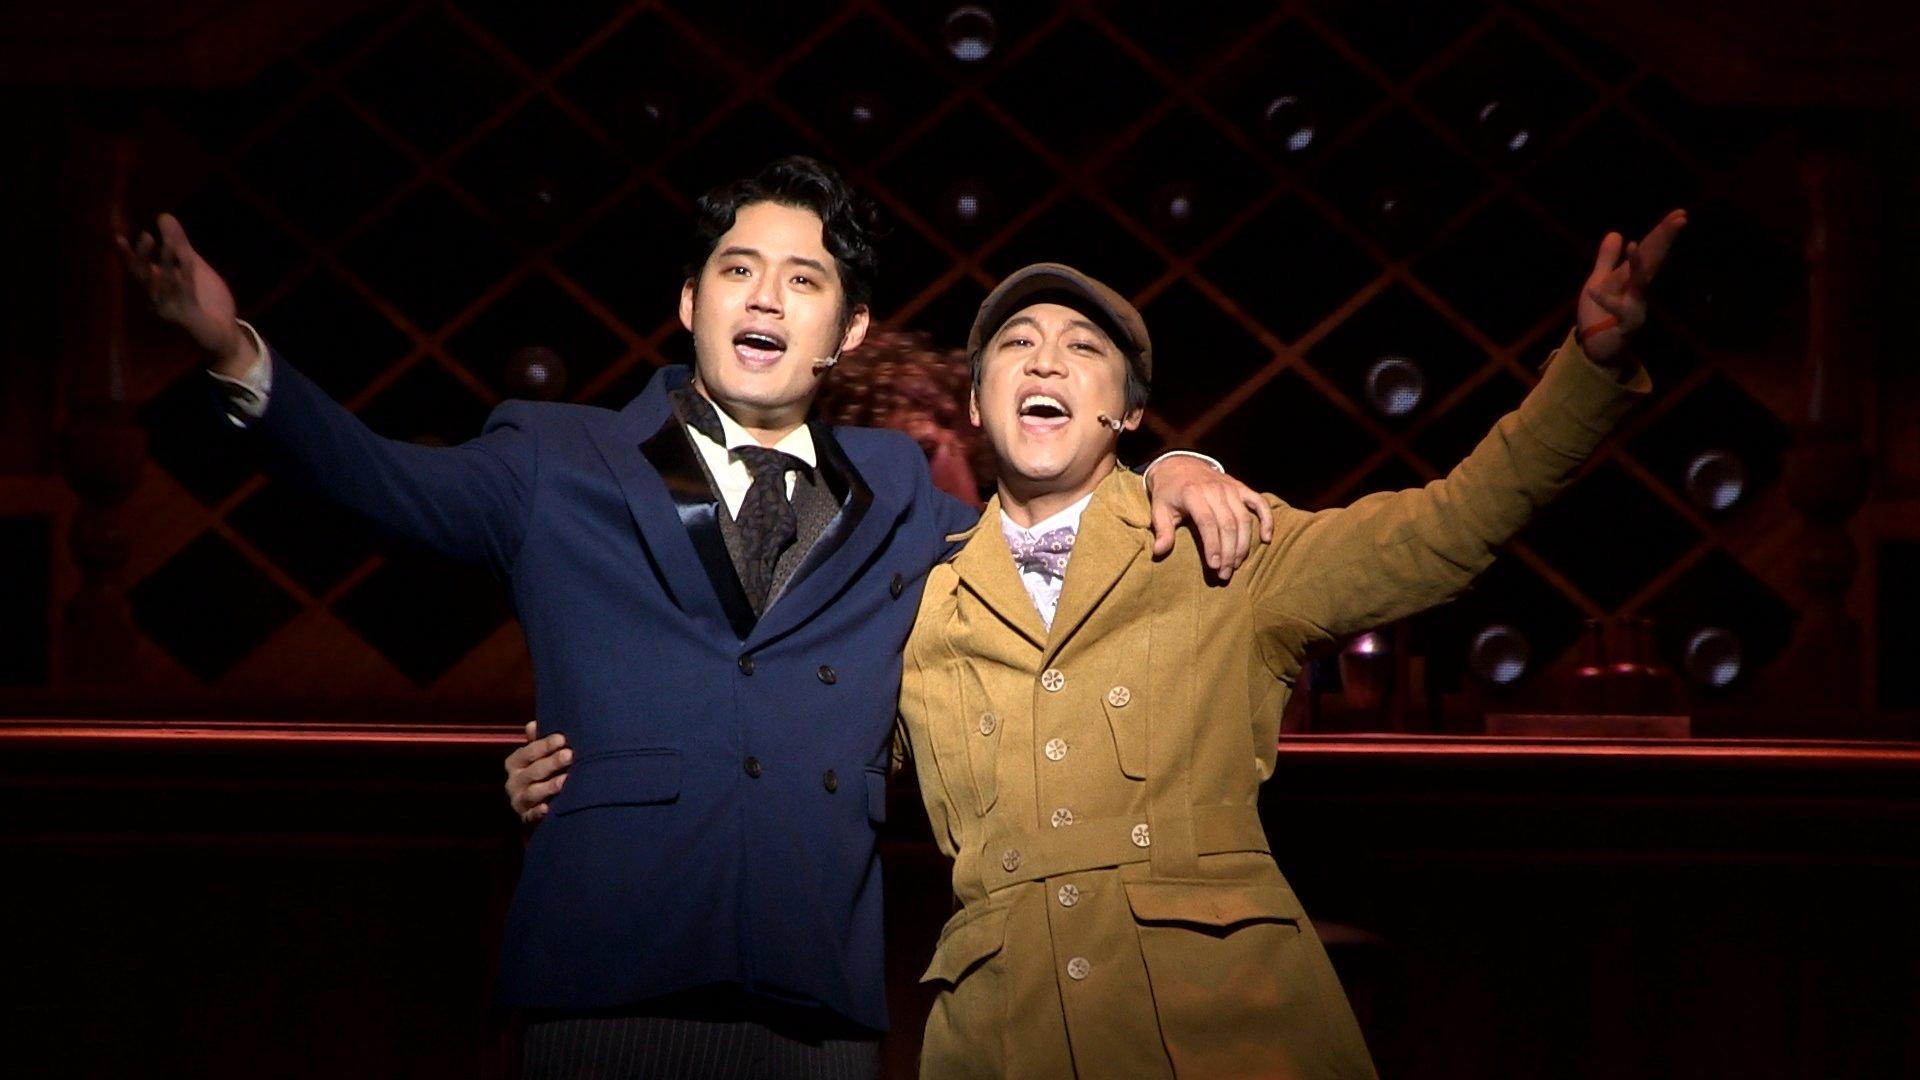 뮤지컬 '젠틀맨스 가이드' - 서경수, 오만석, 한지상